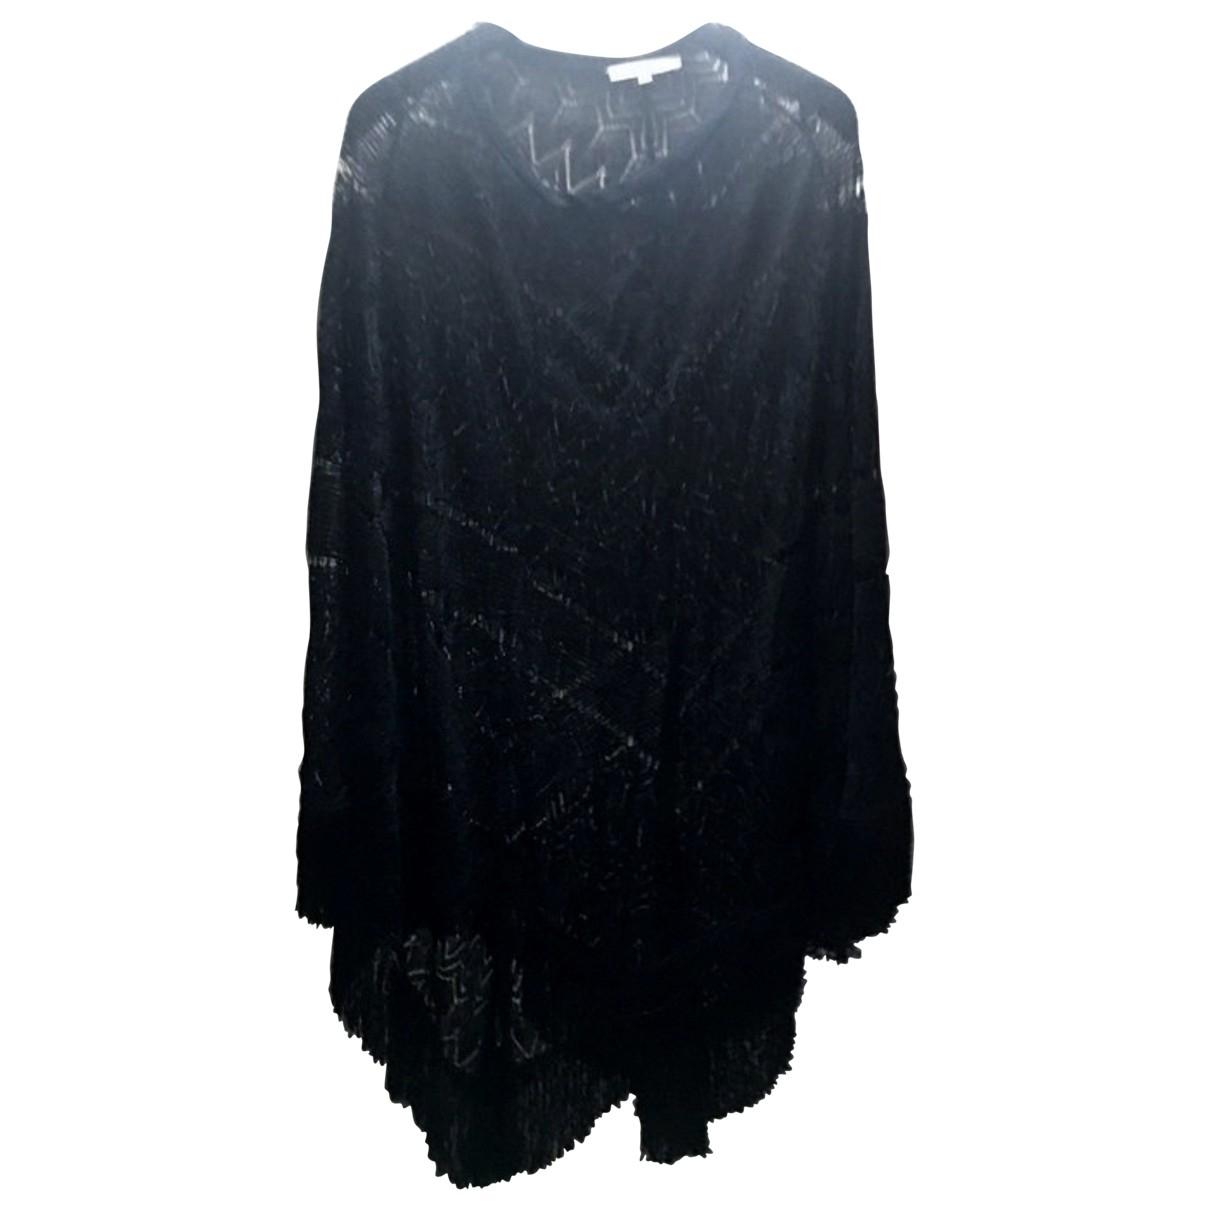 Maje \N Black Knitwear for Women One Size FR